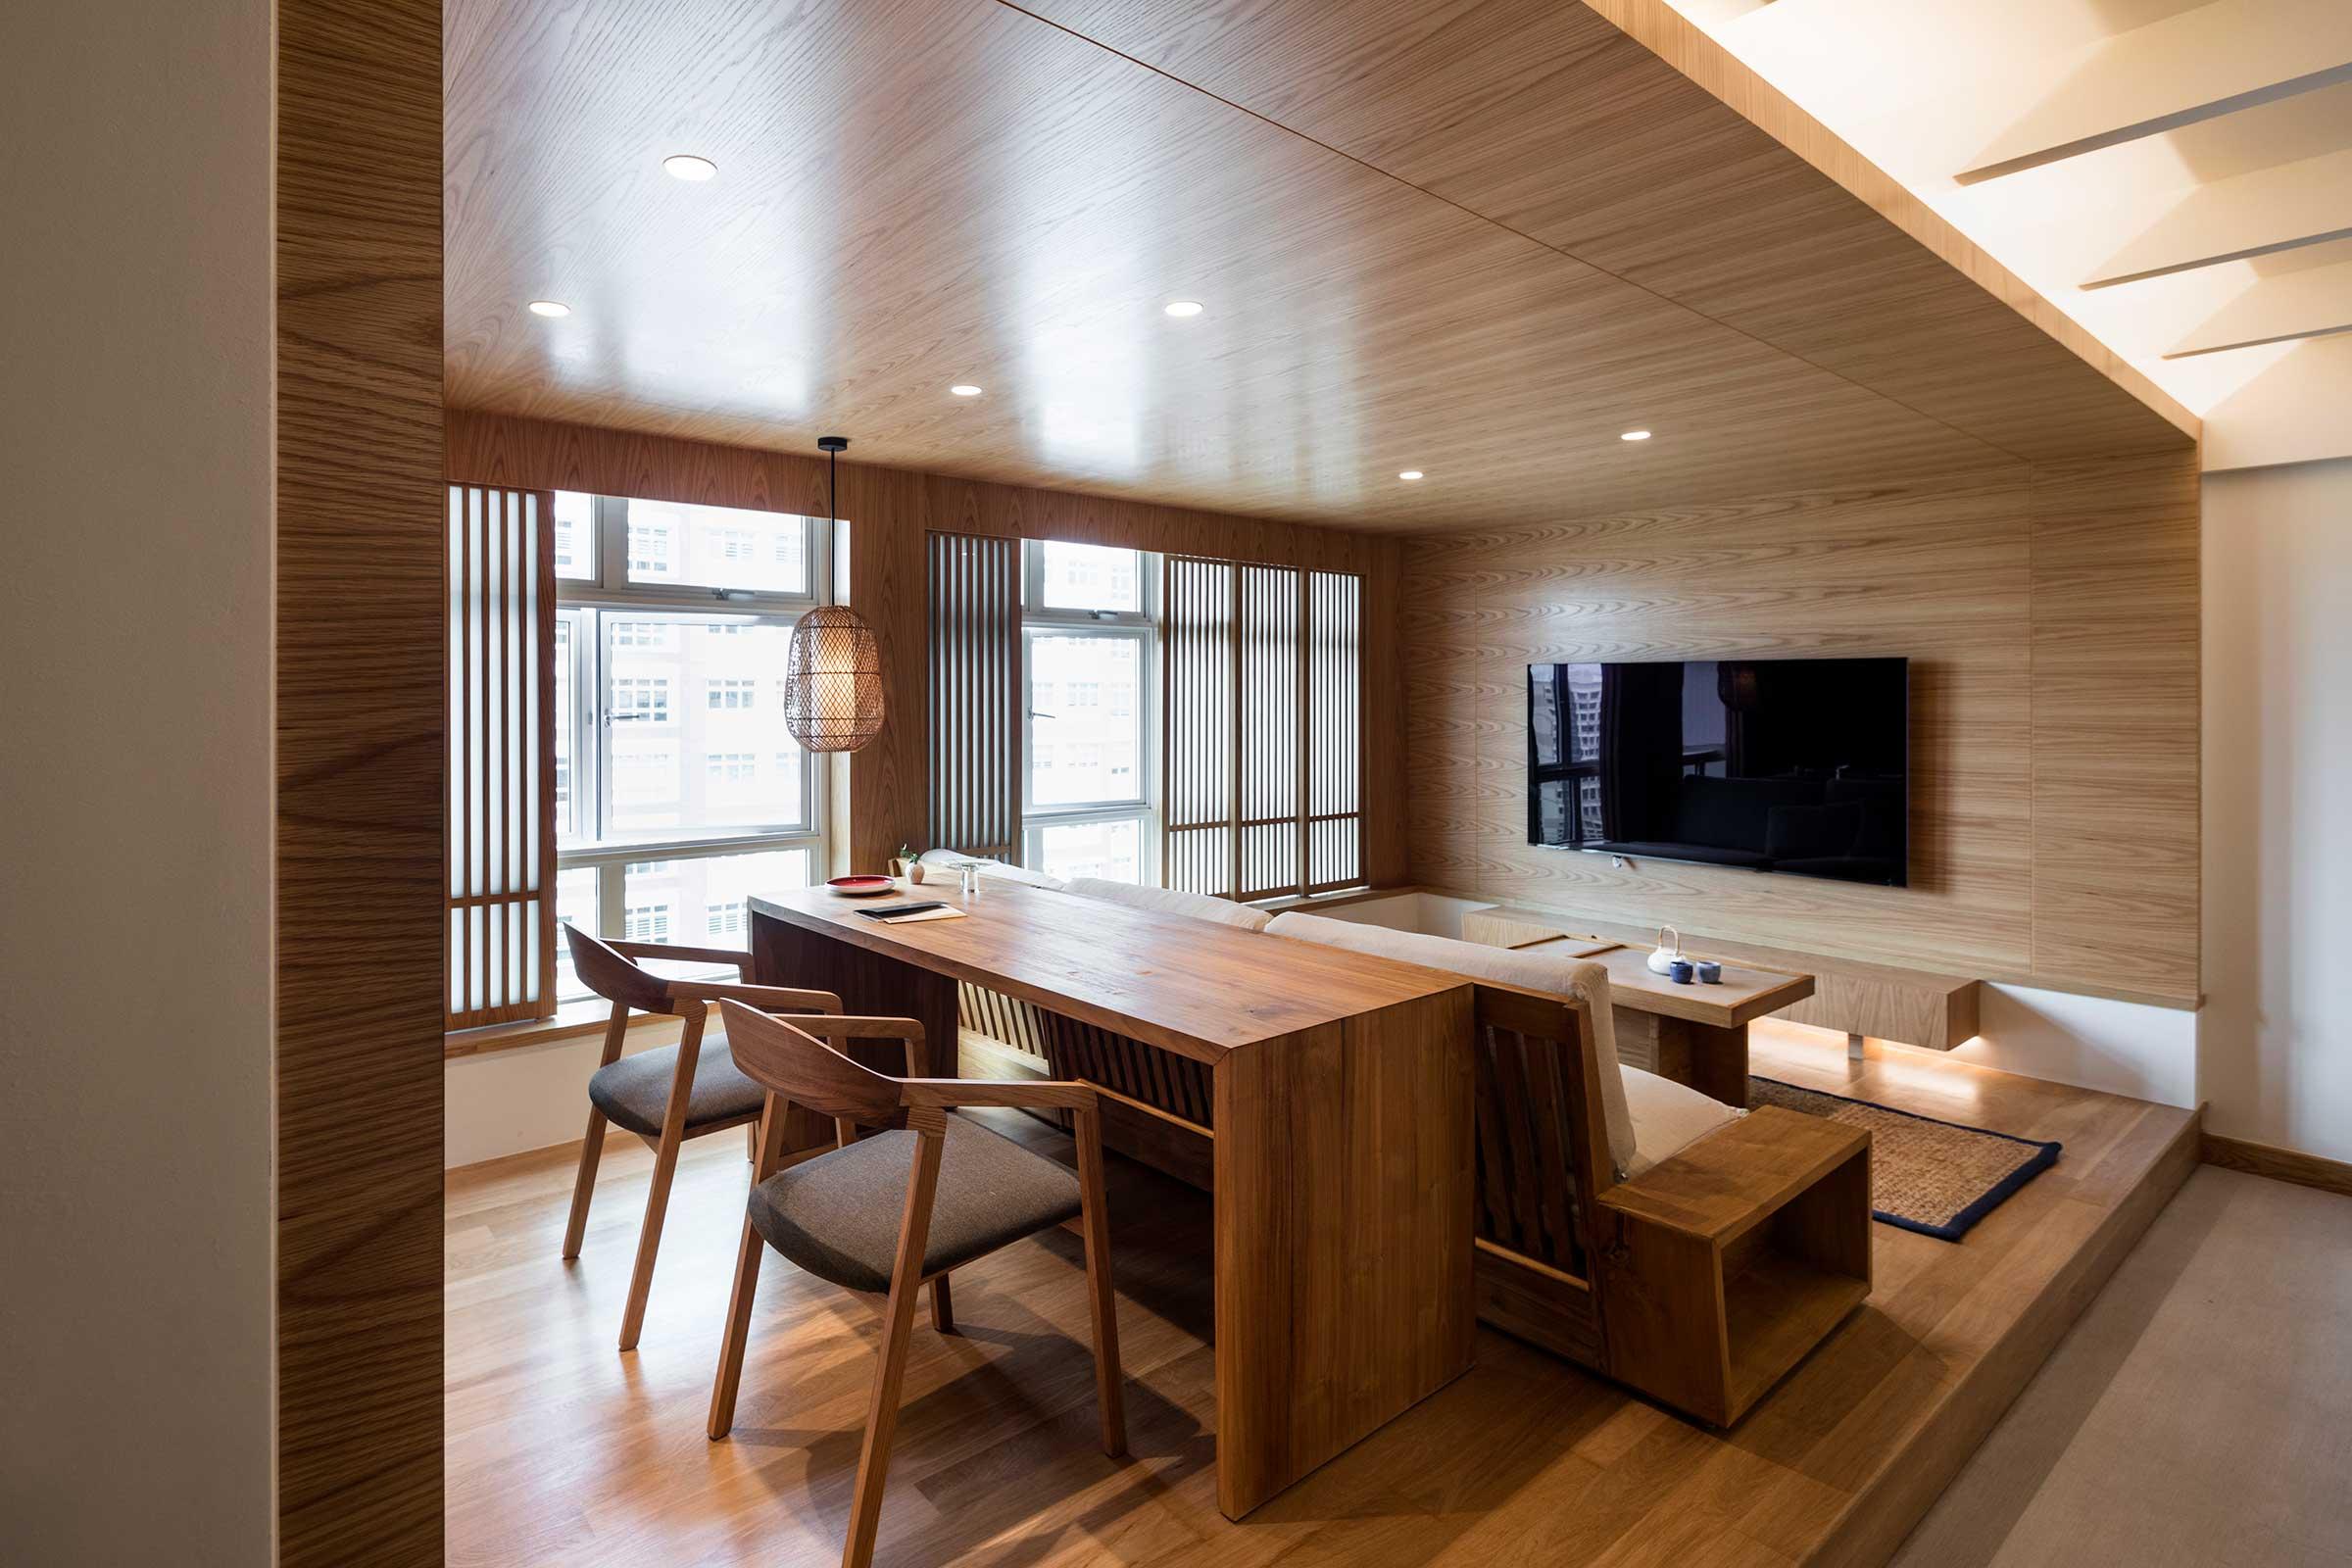 Bukit-Batok-West-Ave-6_Goy-Architects_37.jpg